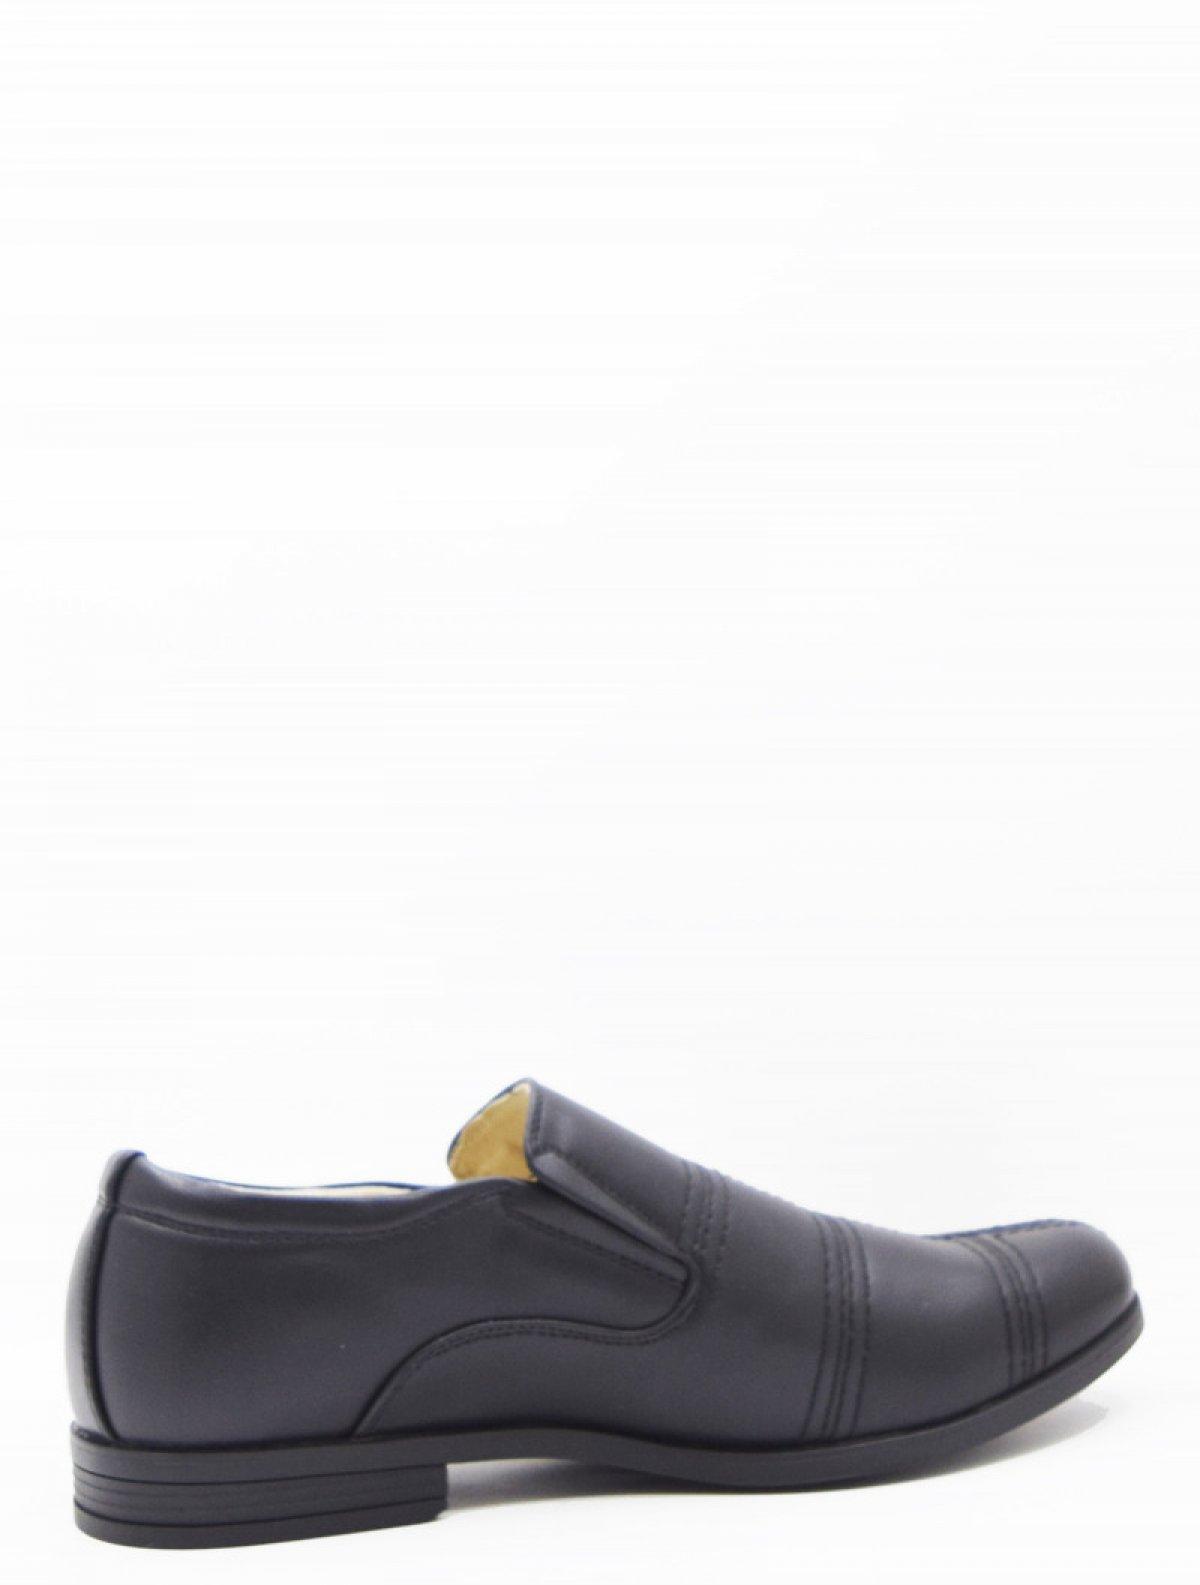 Сказка D14659 туфли для мальчика